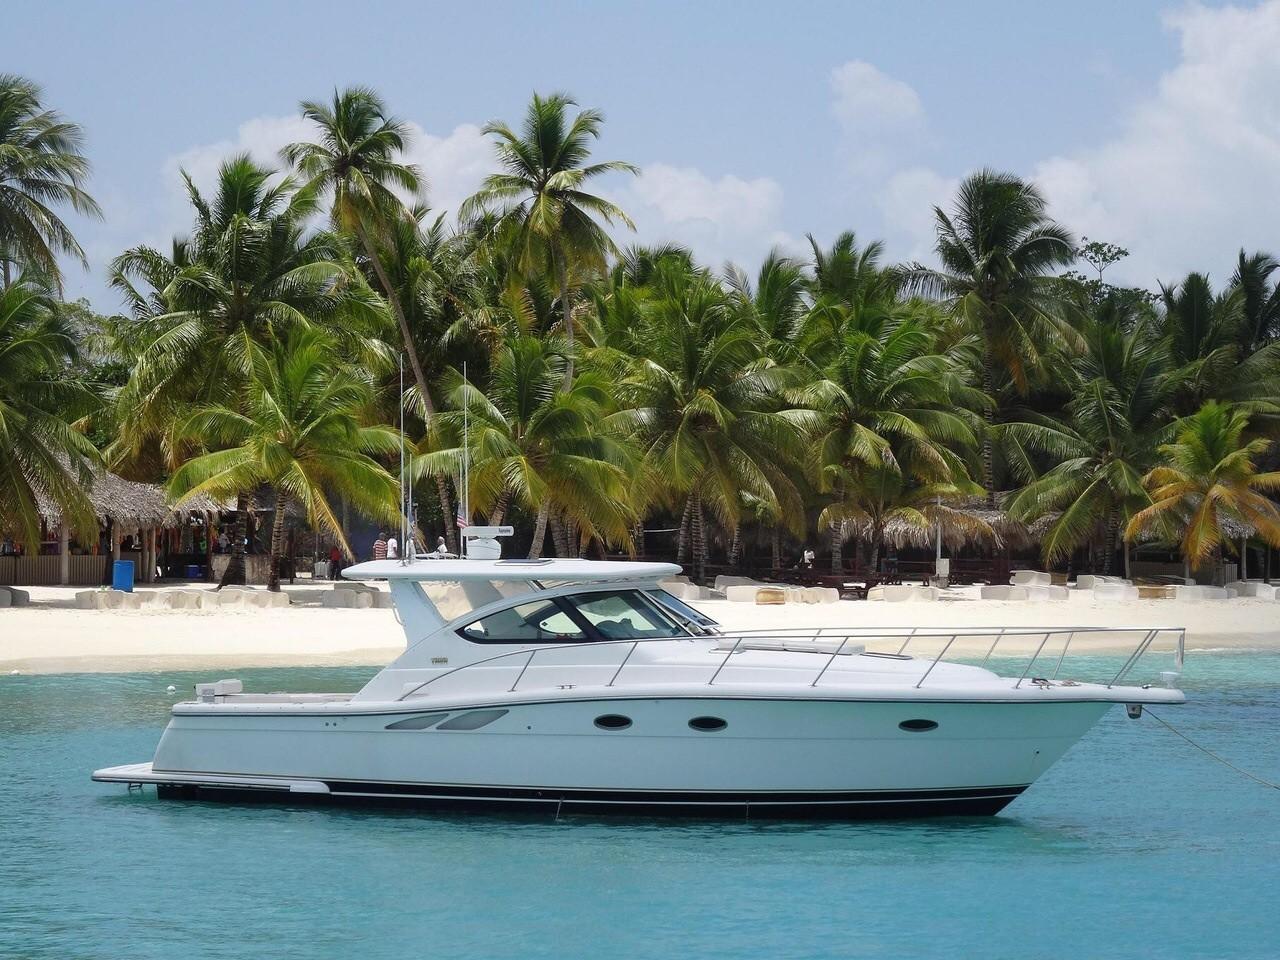 Яхты в доминикане перевозчик - ваш гид в доминикане.